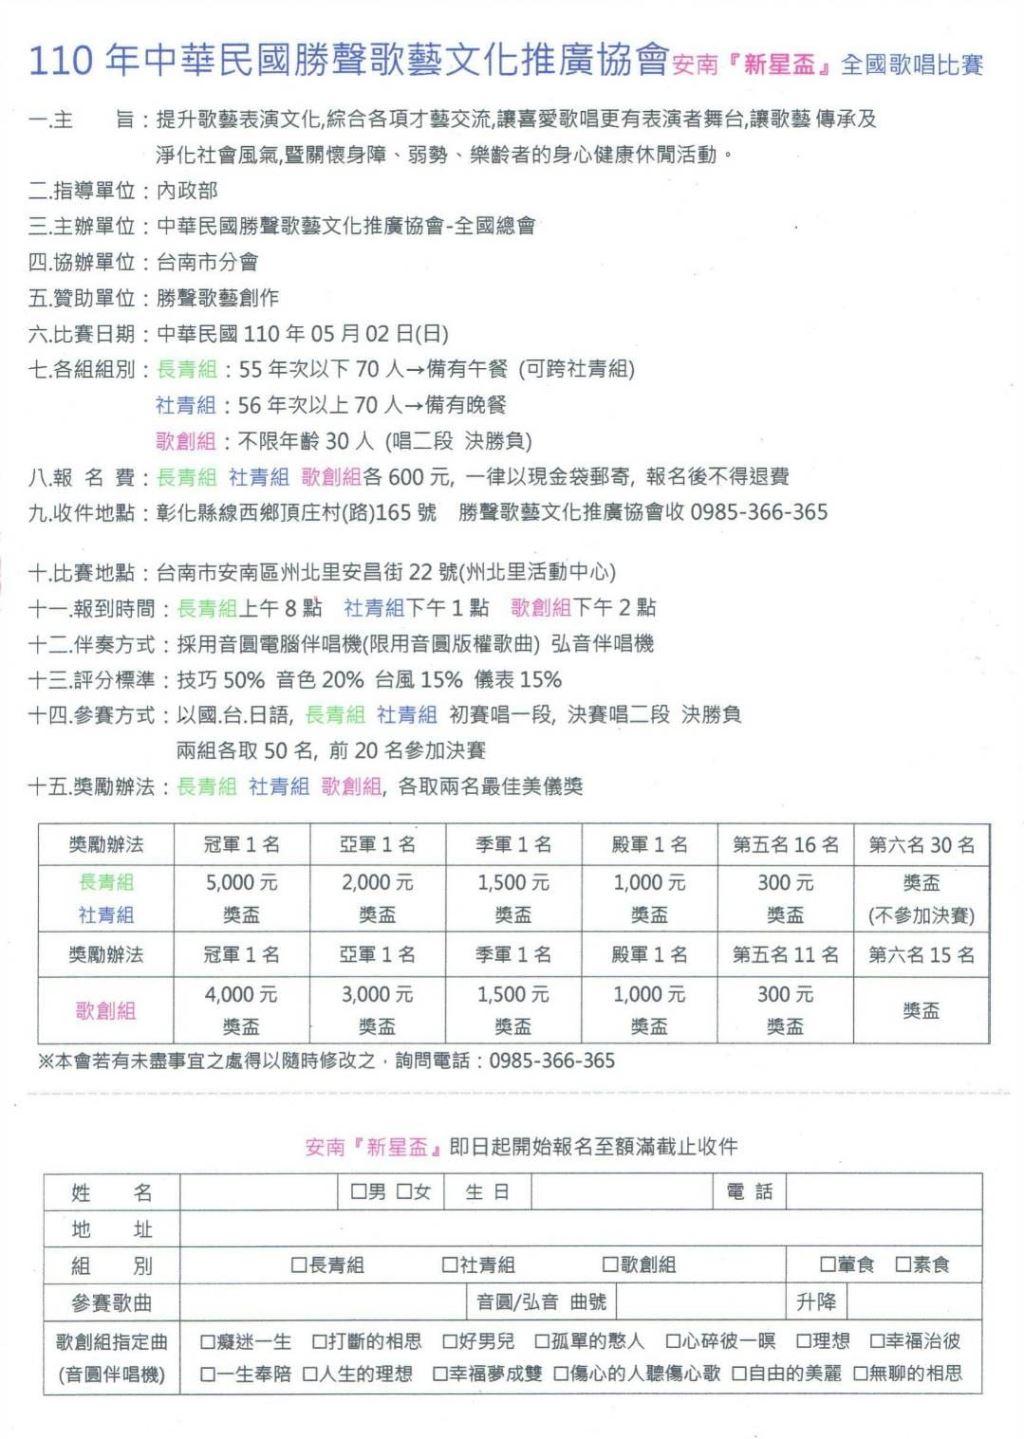 2021年110年中華民國勝聲歌藝文化推廣協會安南『新星』全國歌唱大賽